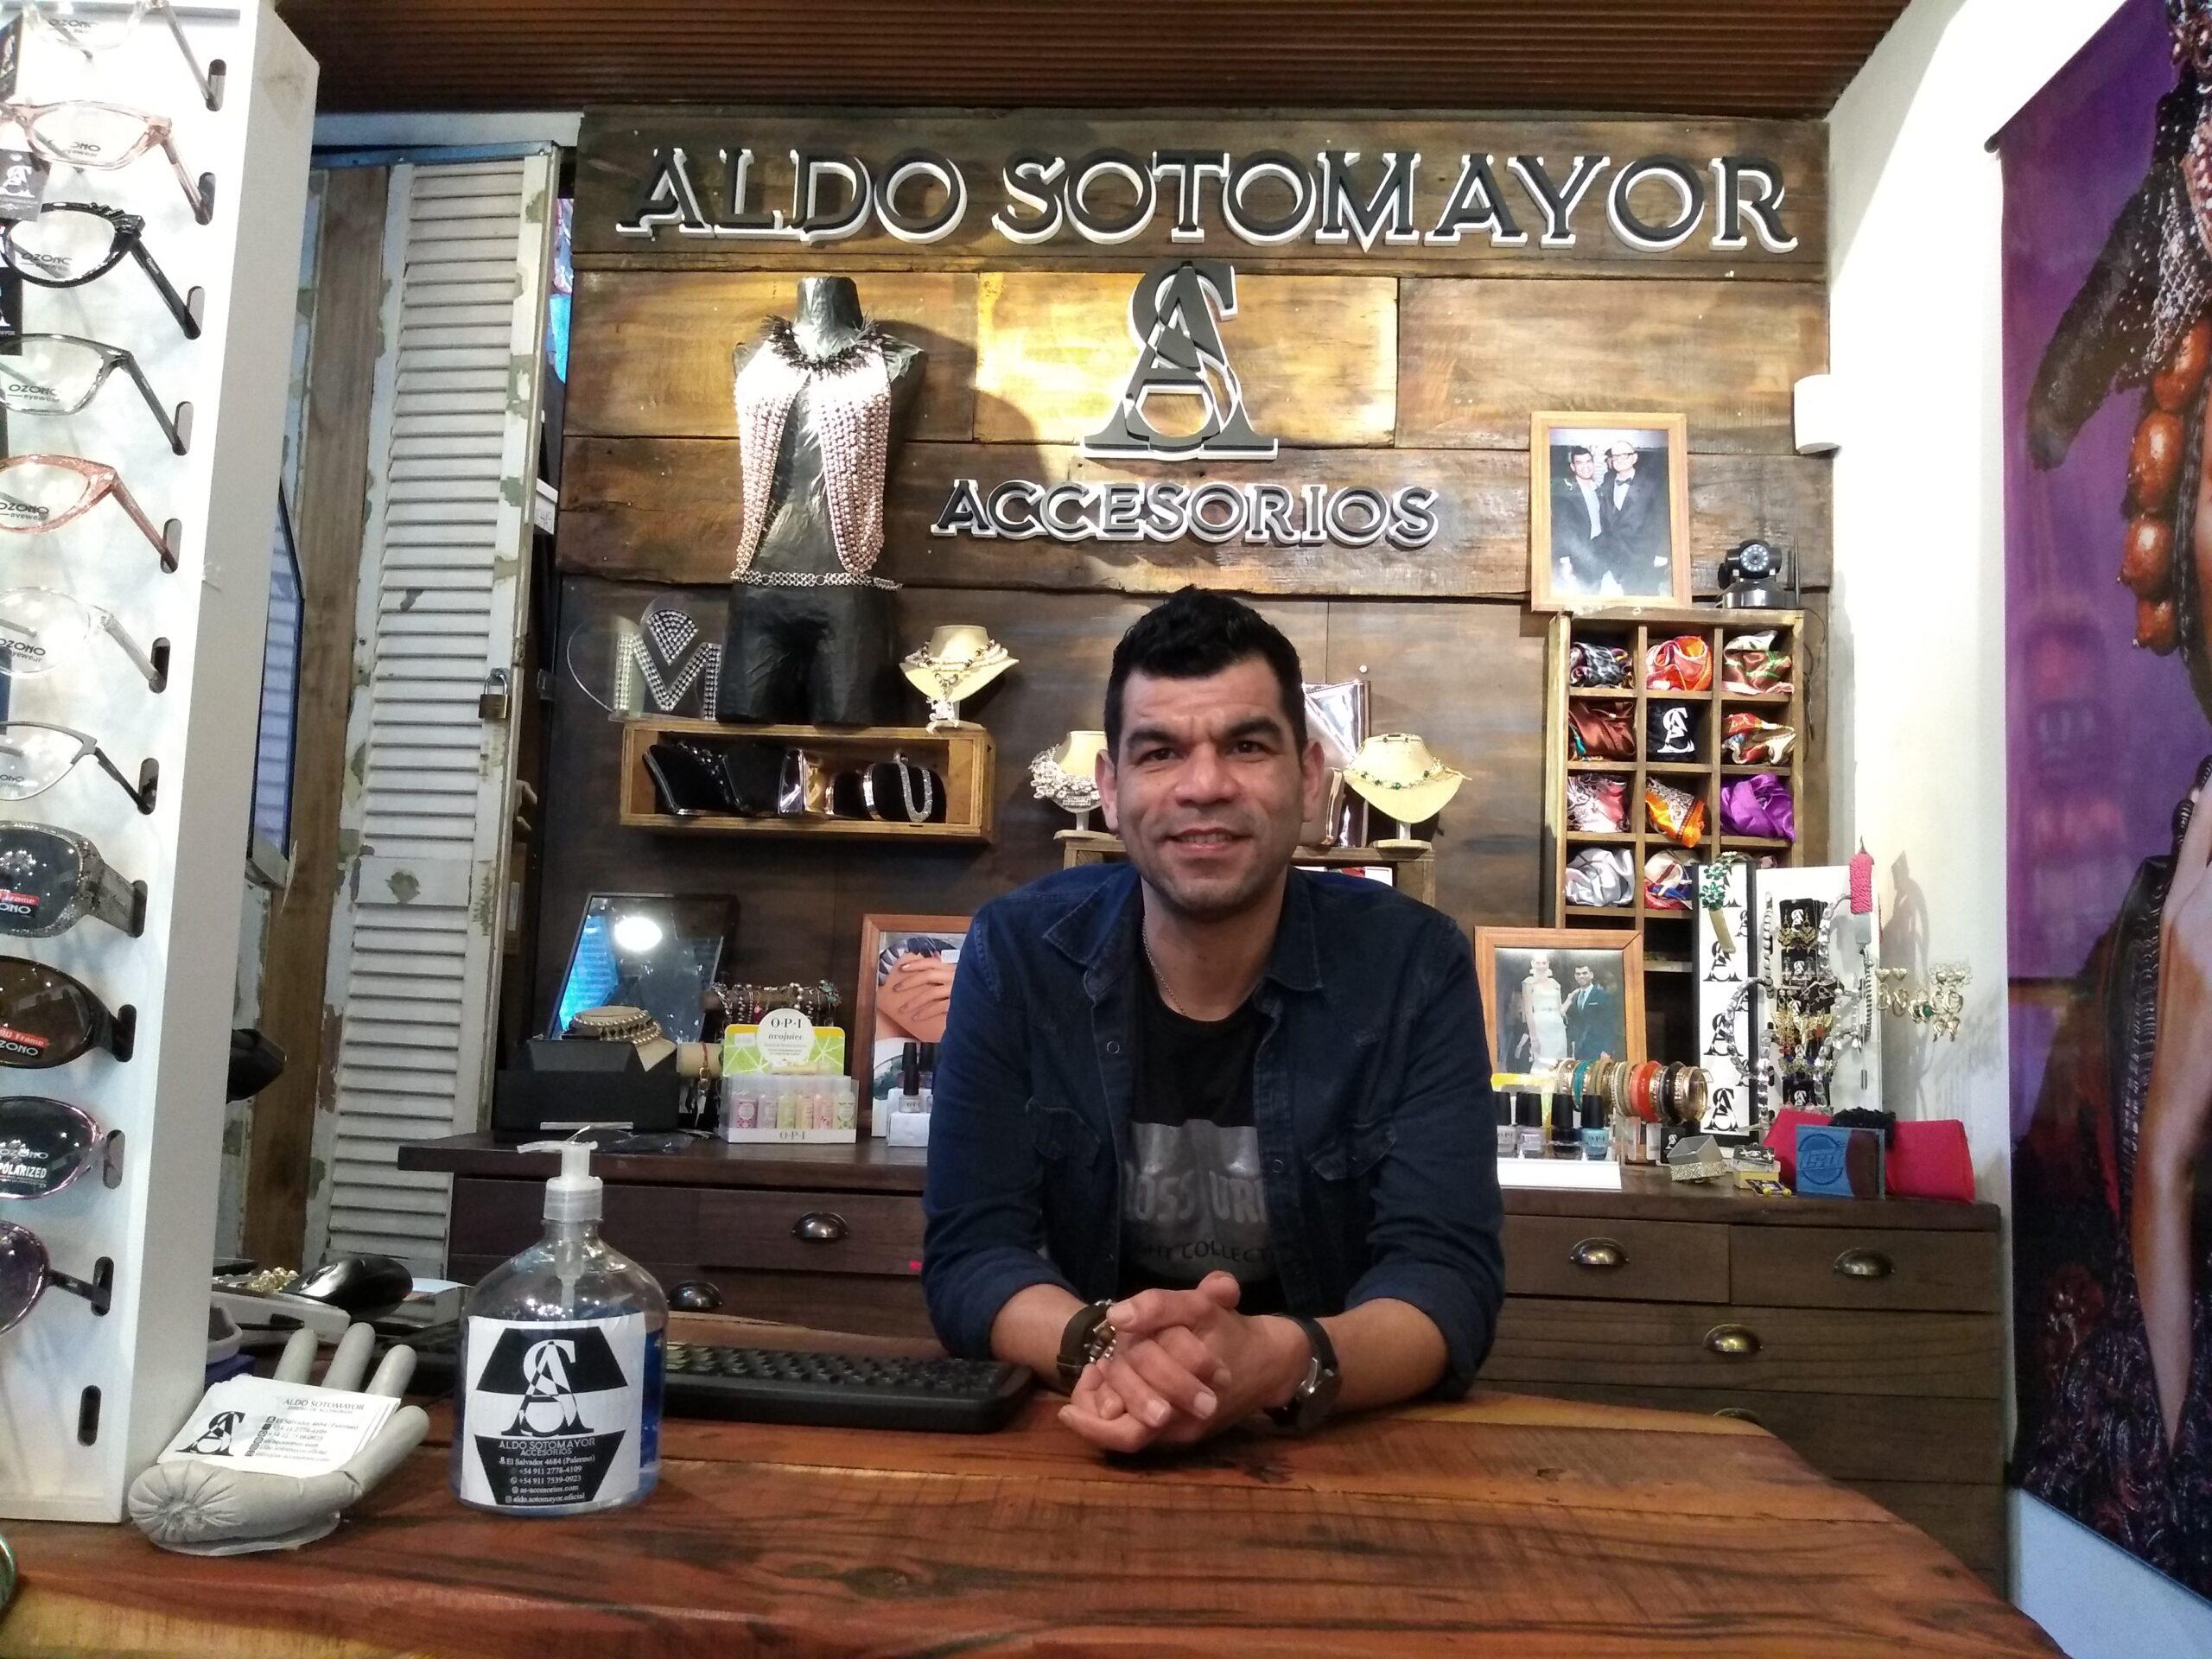 El diseñador de accesorios Aldo Sotomayor cautiva con sus piezas exclusivas